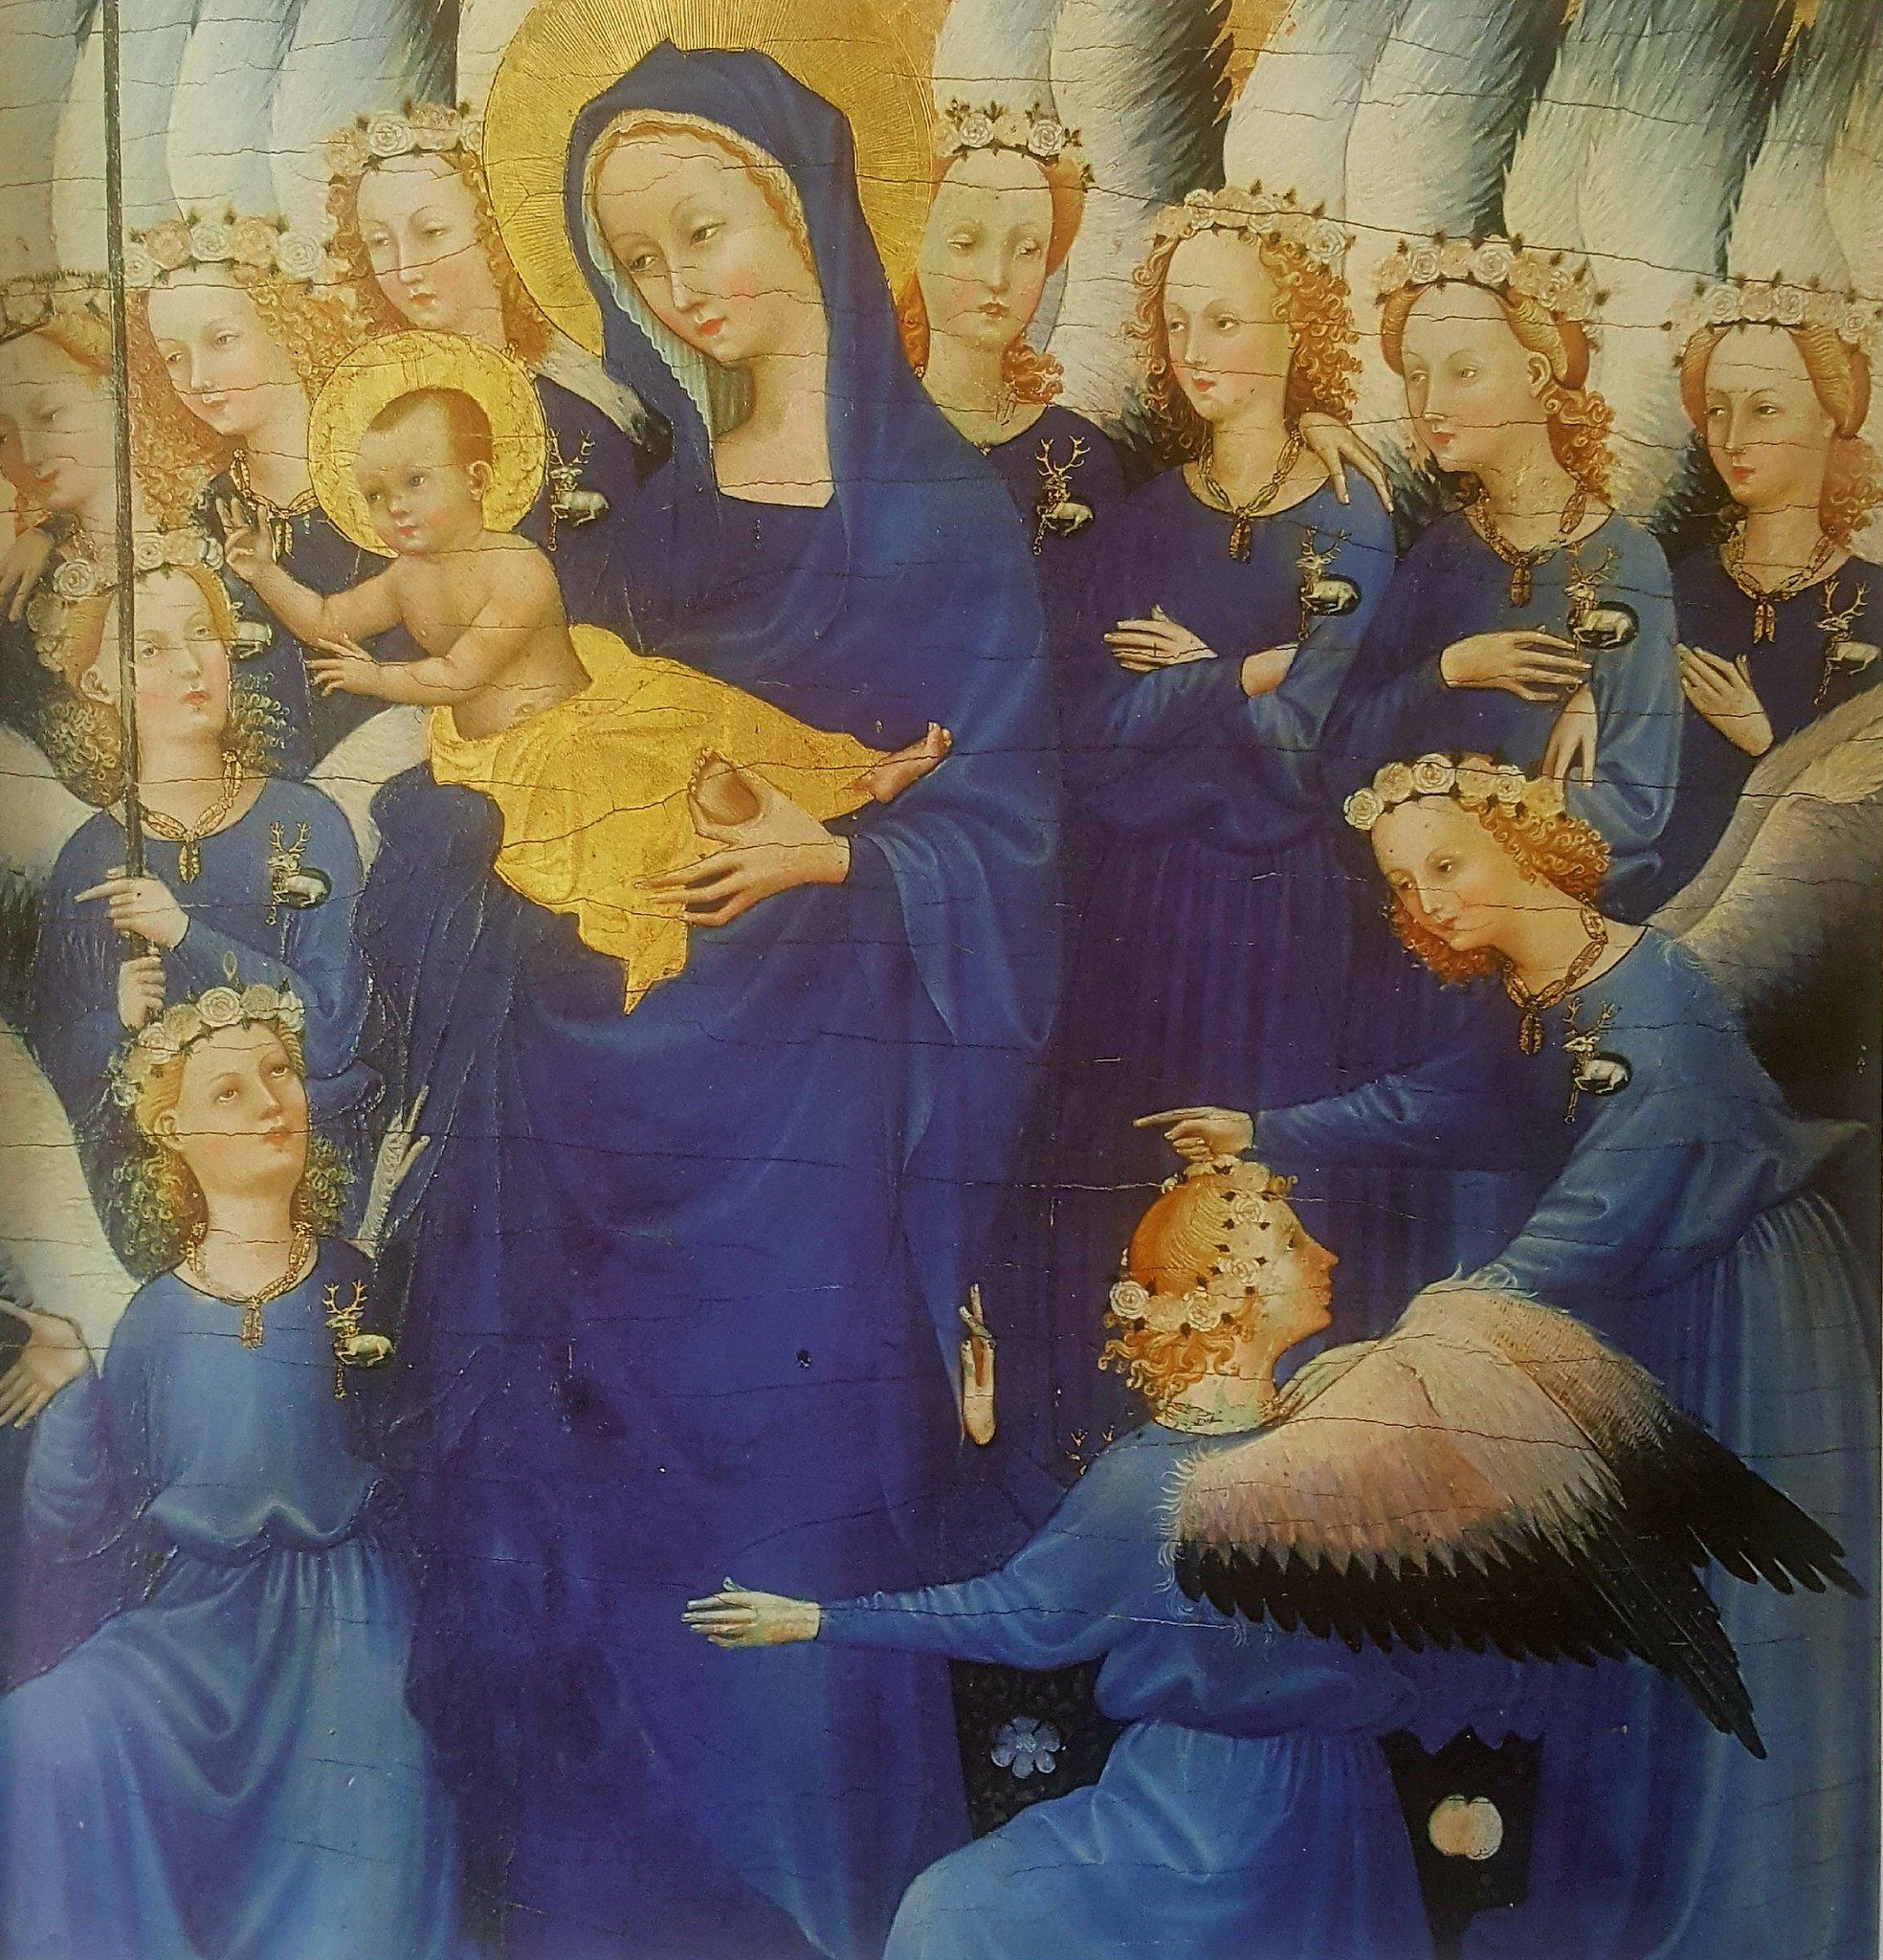 Blu mariano  colore divino  -  Dittico Wilton, autore ignoto  1395 circa https://t.co/06cwDJzvaN